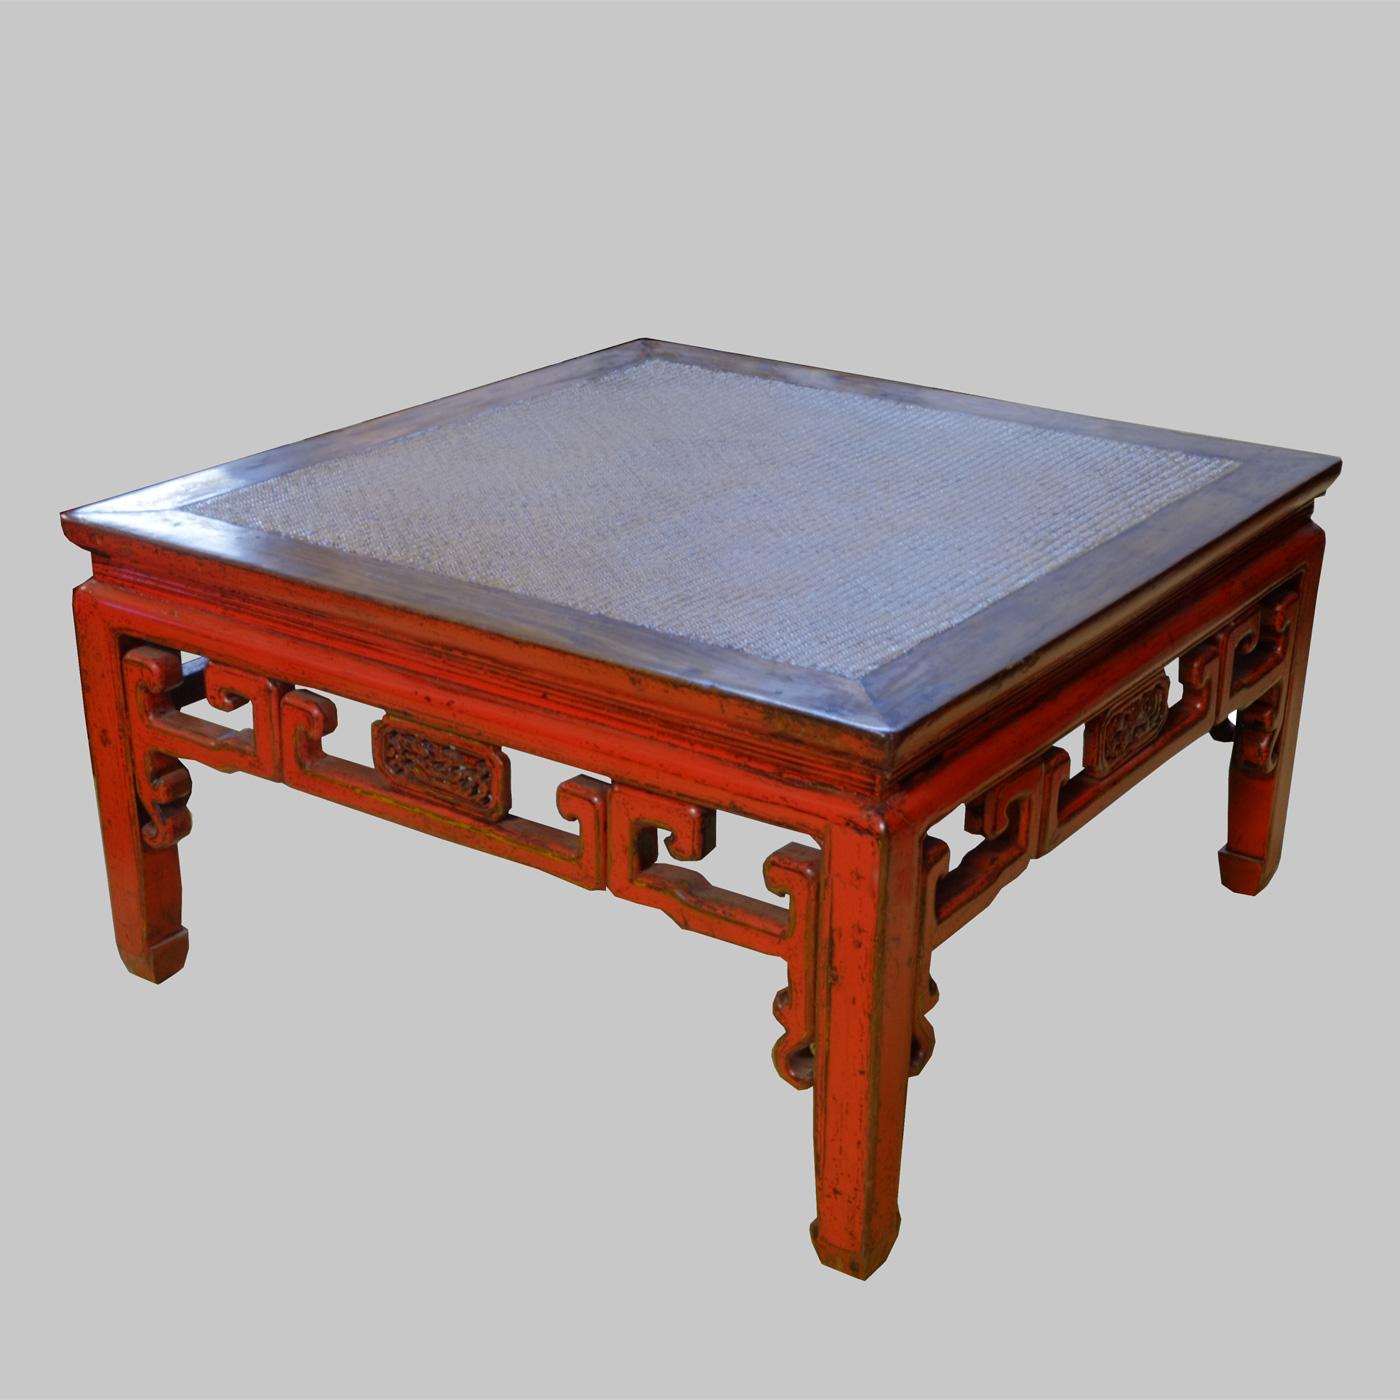 Kleiner alter hocker batavia - Kleiner bartisch mit hocker ...